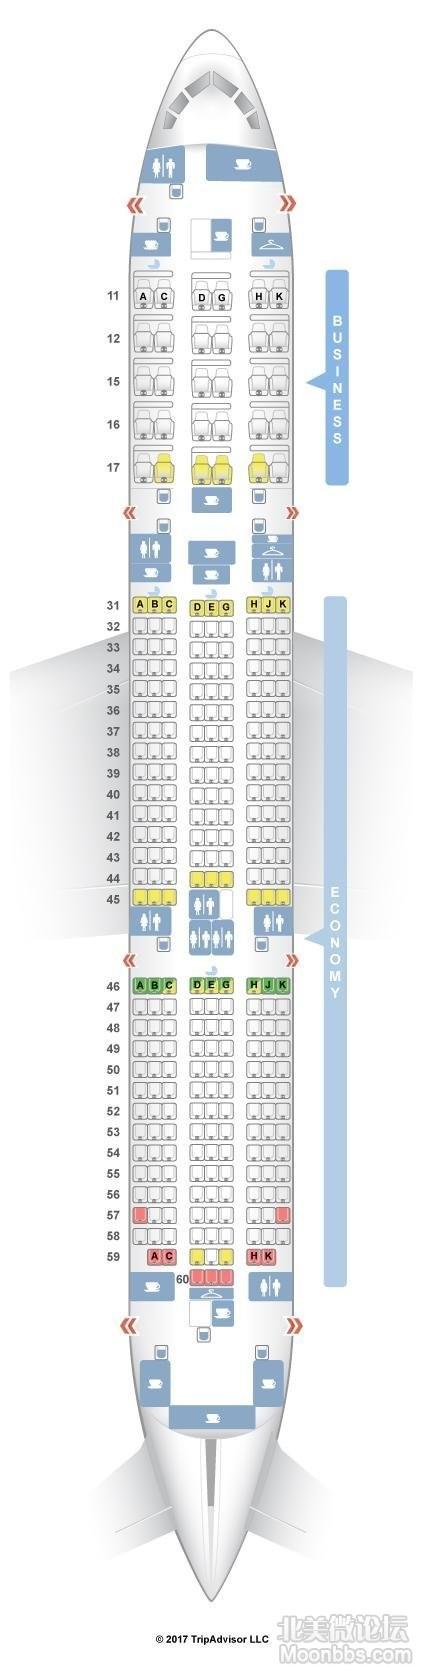 Hainan_Airlines_Boeing_787-9.jpg